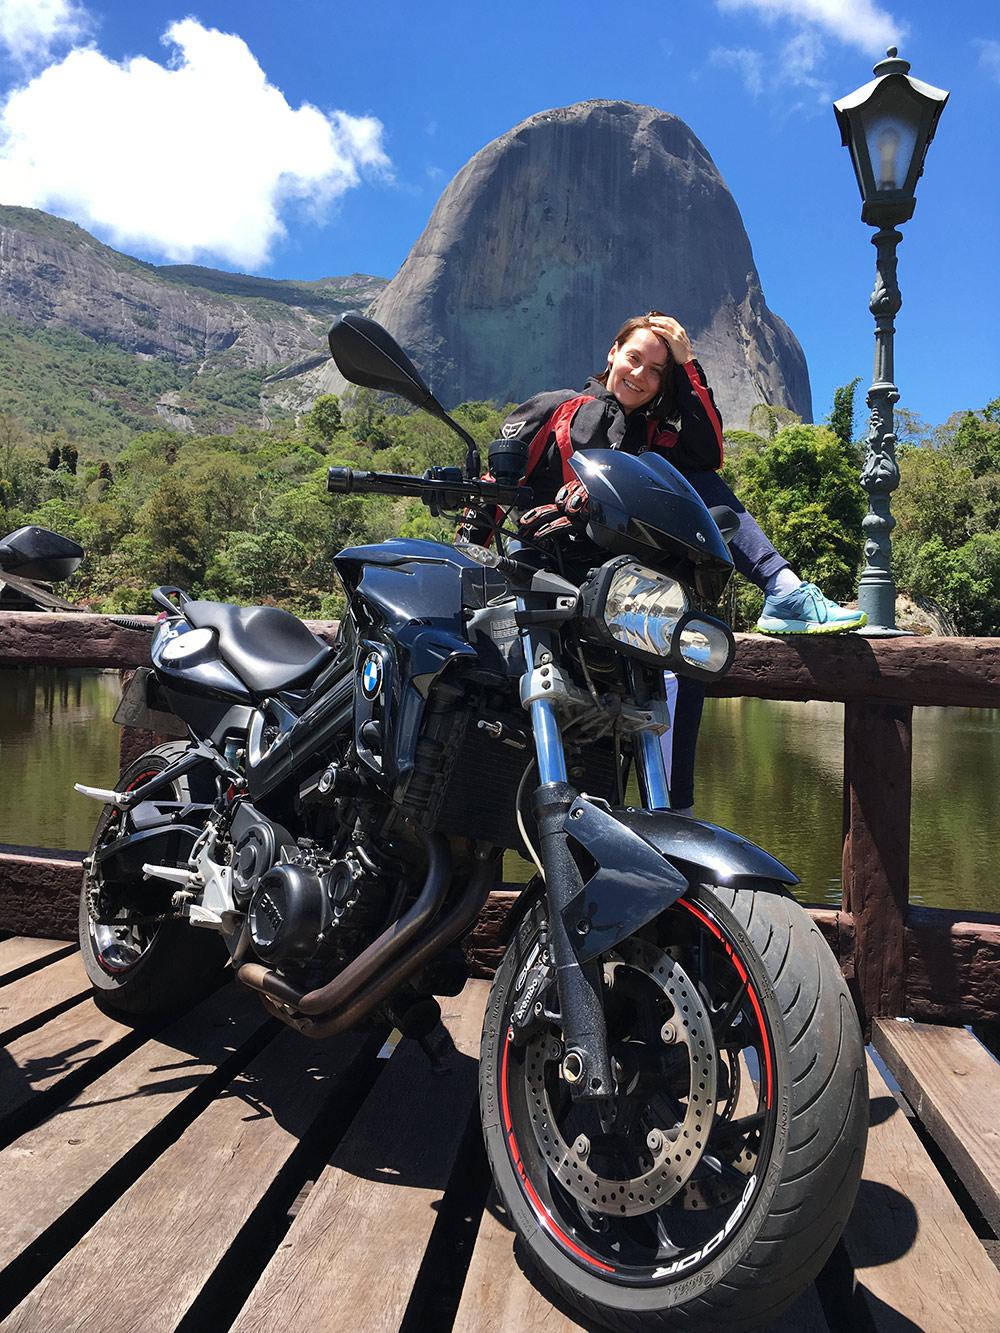 Путешествие на мотоциклах в соседний город Домингус-Мартинс, в парк Педра-Азул